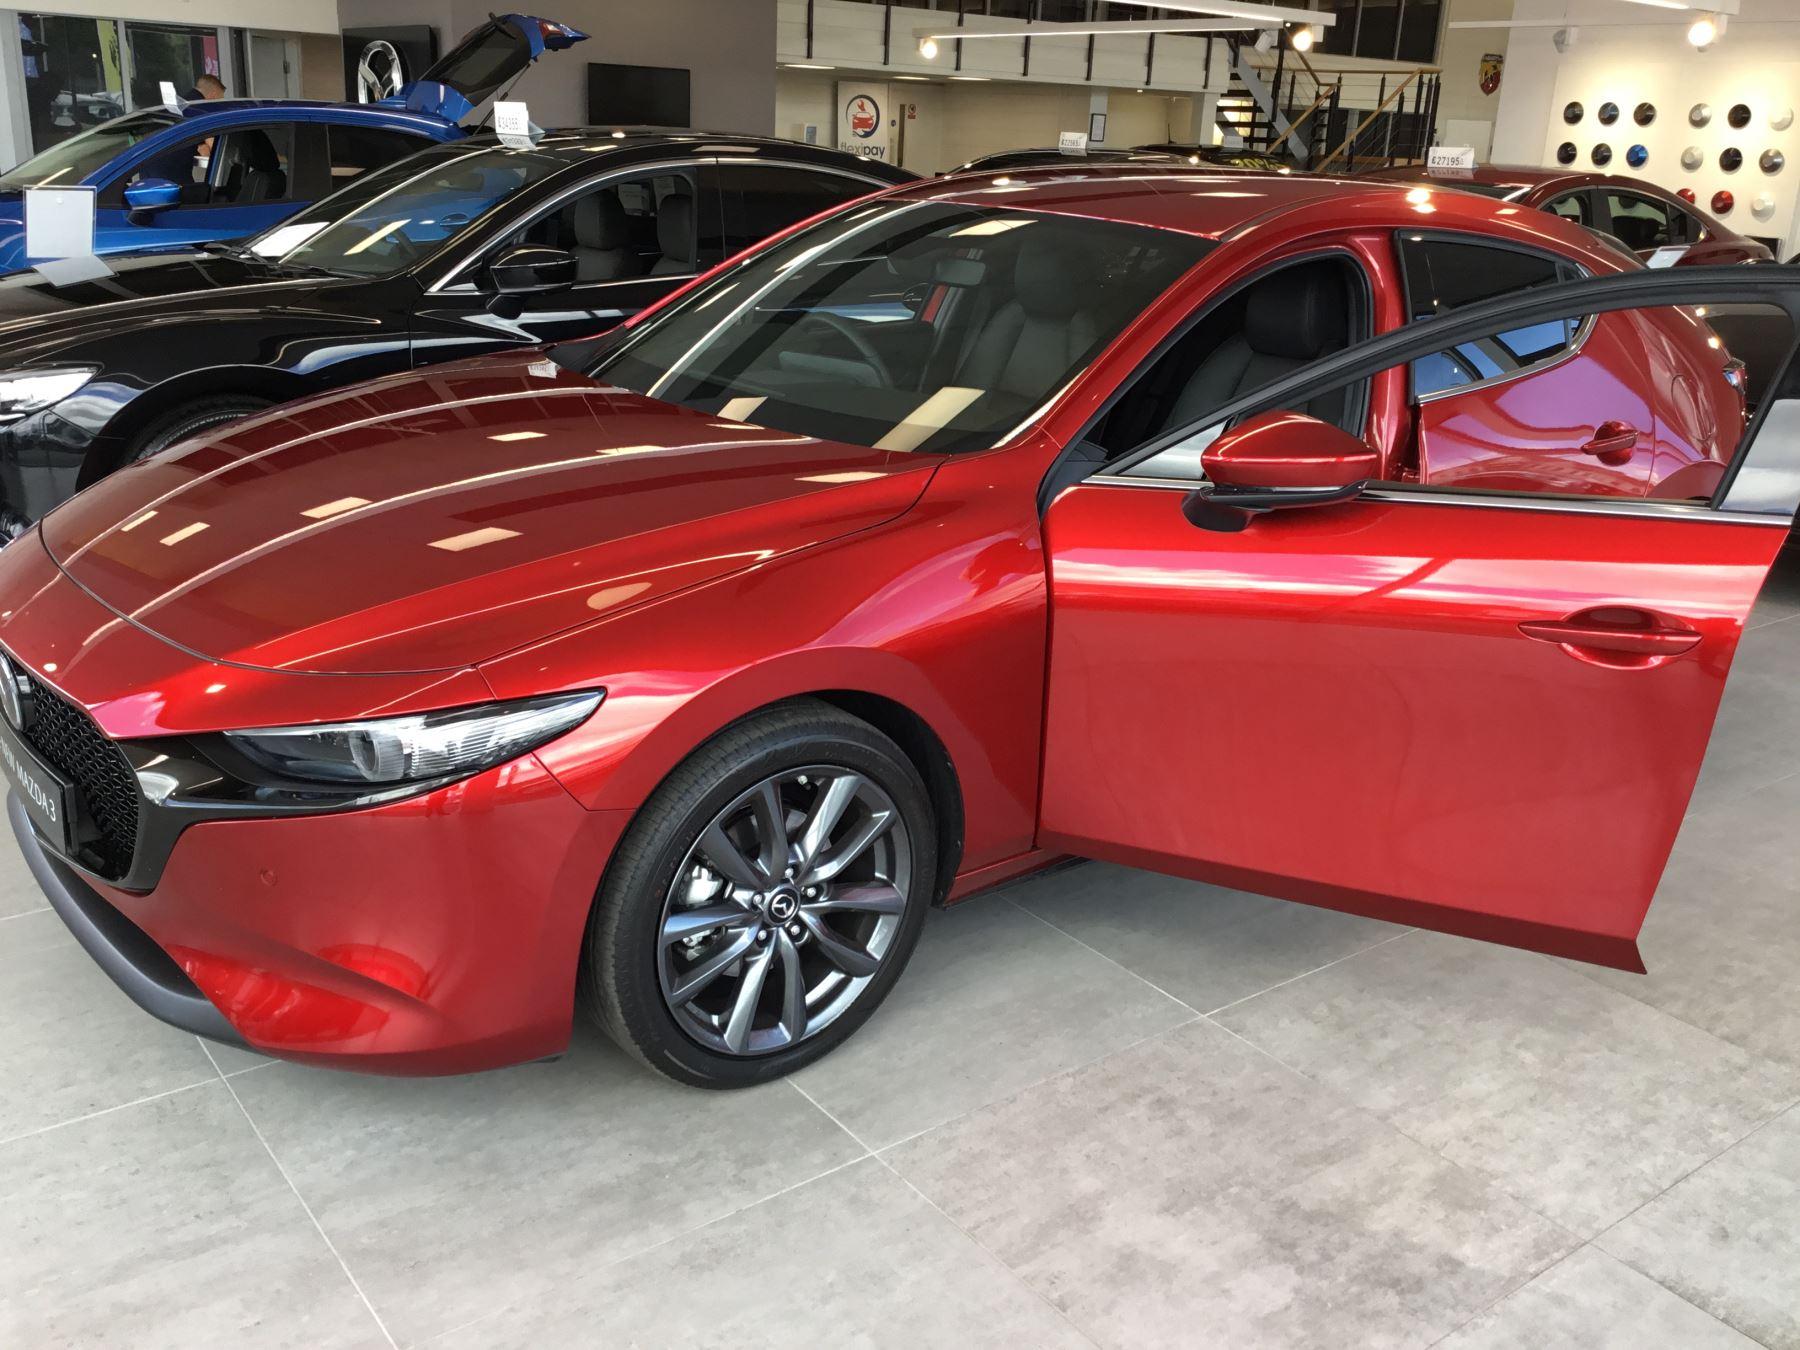 Mazda 3 2.0 GT Sport 5dr image 3